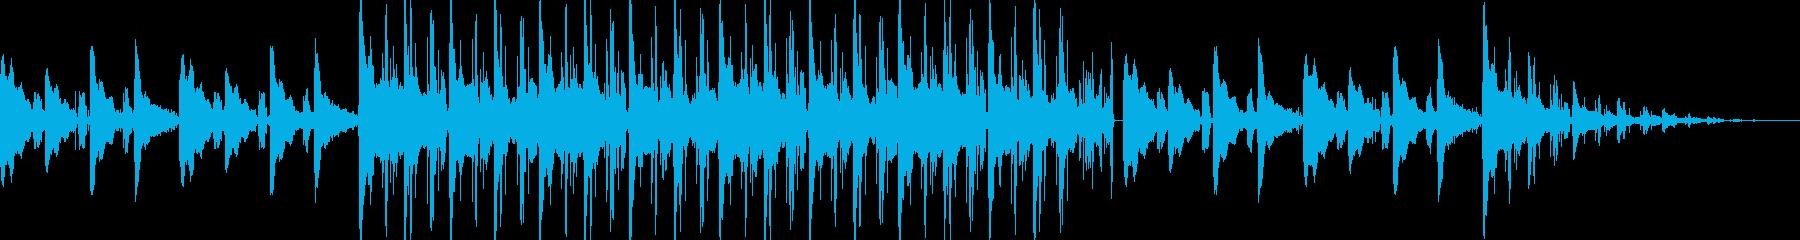 アコギ lo-fi hip-hopの再生済みの波形